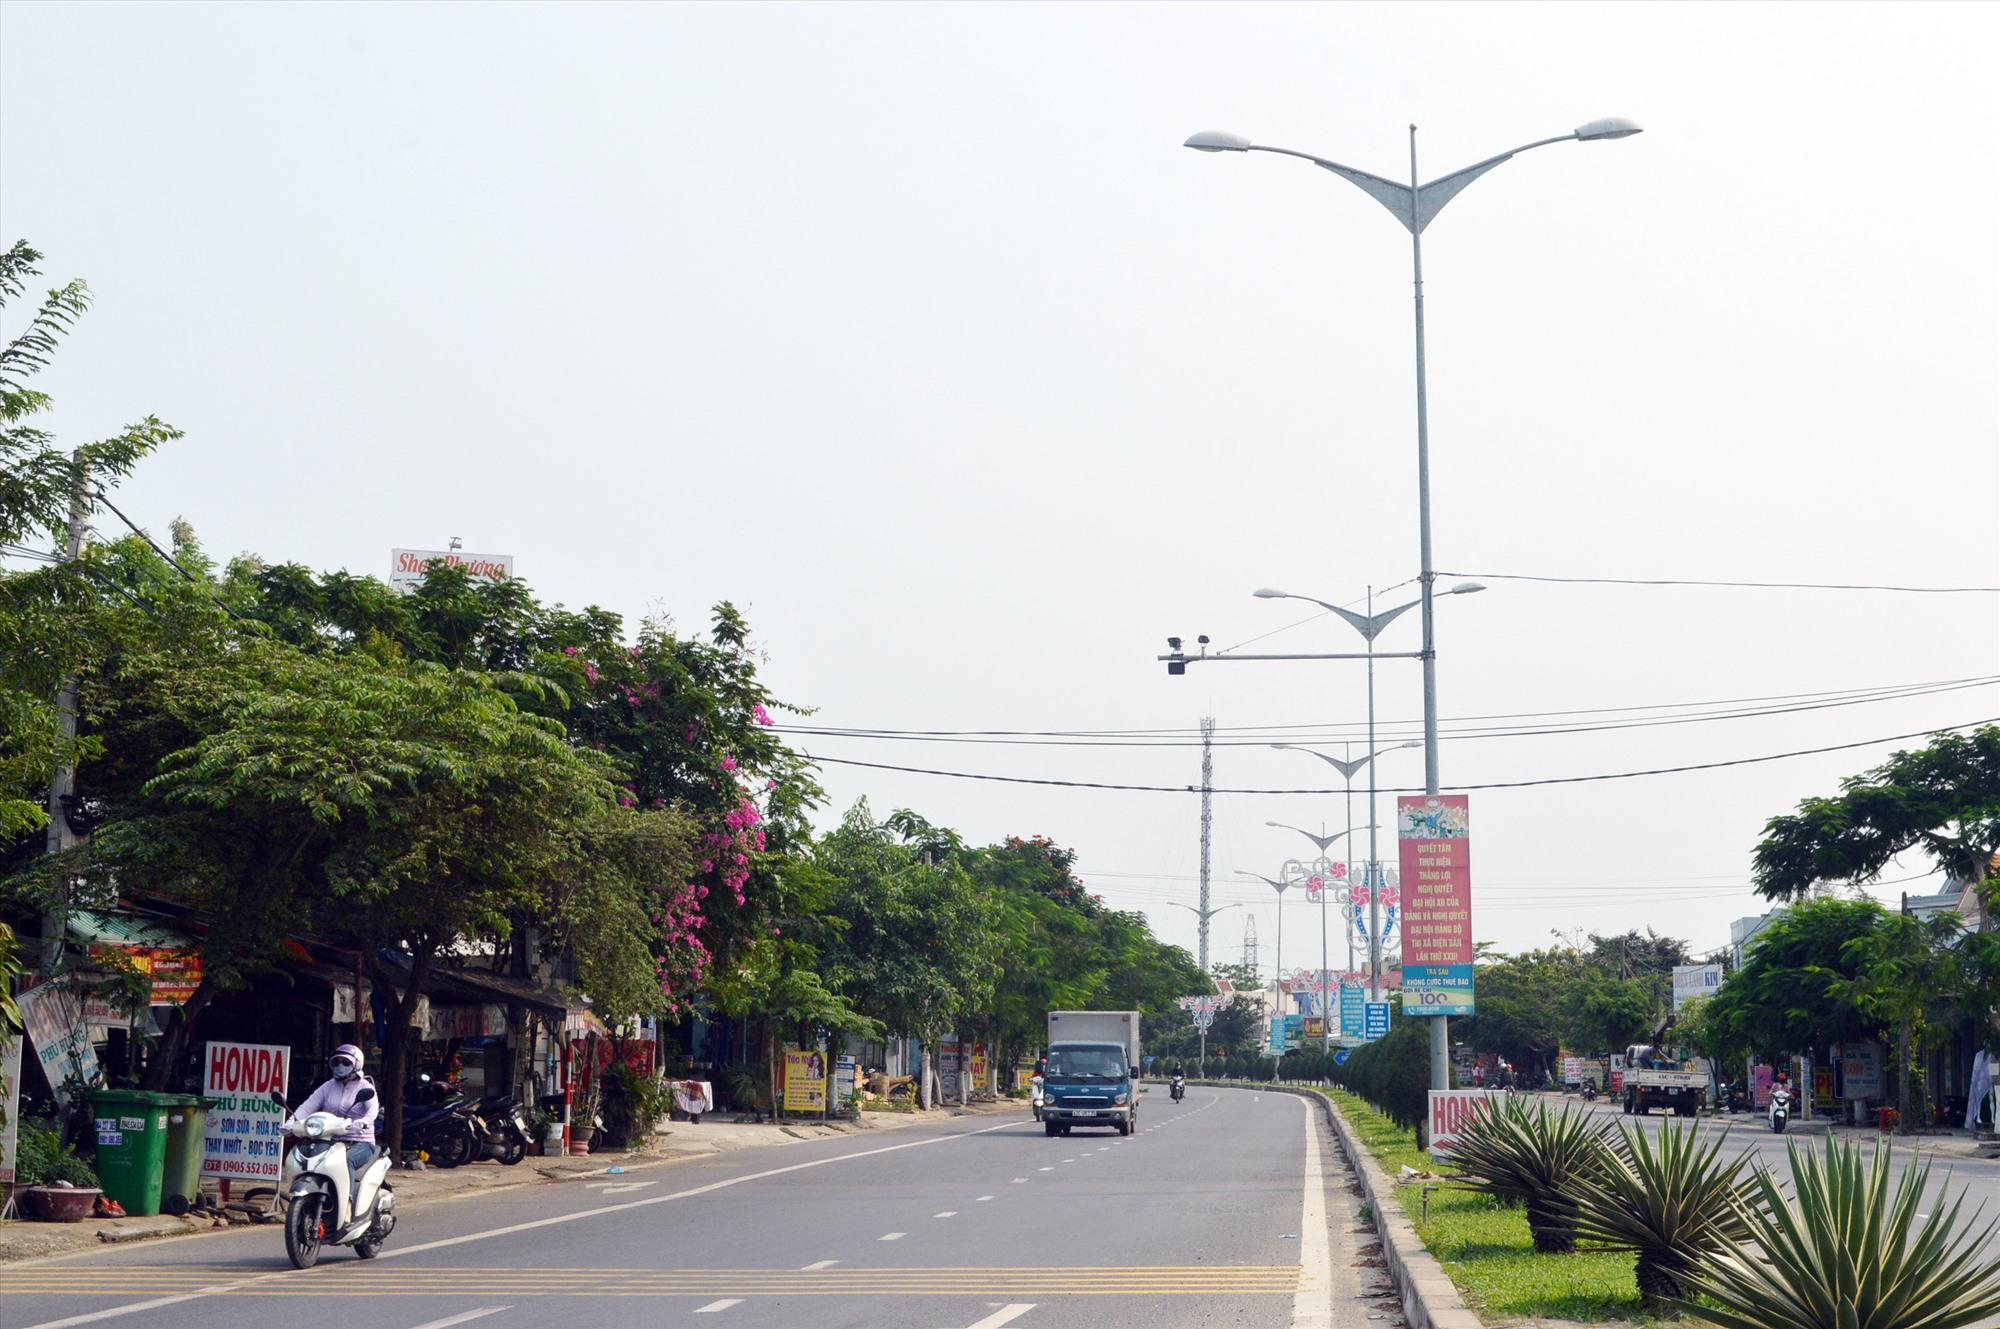 Nhiều tuyến đường, vị trí trọng điểm đã được Công an phường Điện Ngọc đặt camera an ninh. Ảnh: G.K